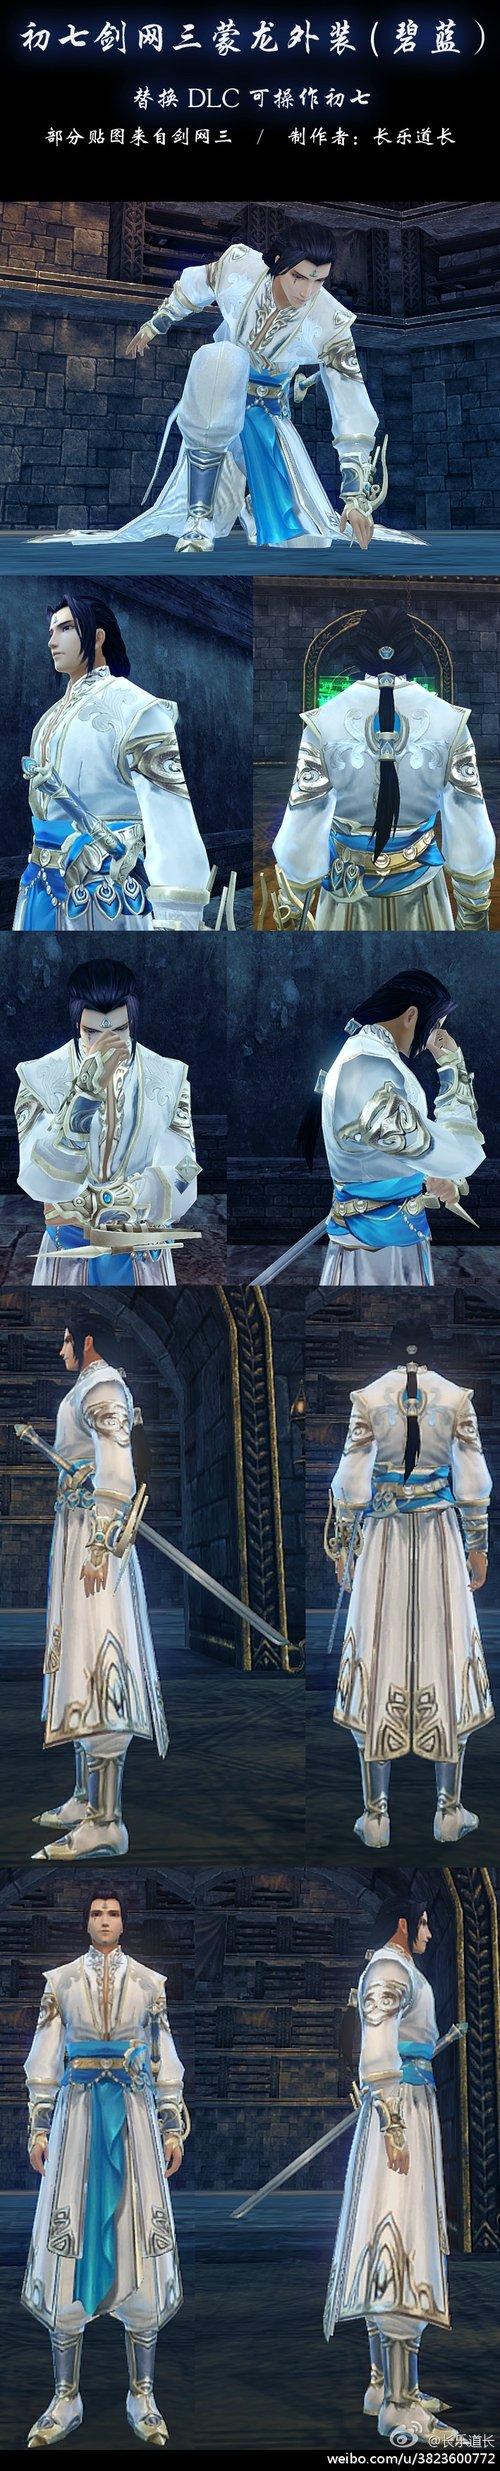 《古剑奇谭2》MOD 初七剑网三蒙龙外装mod